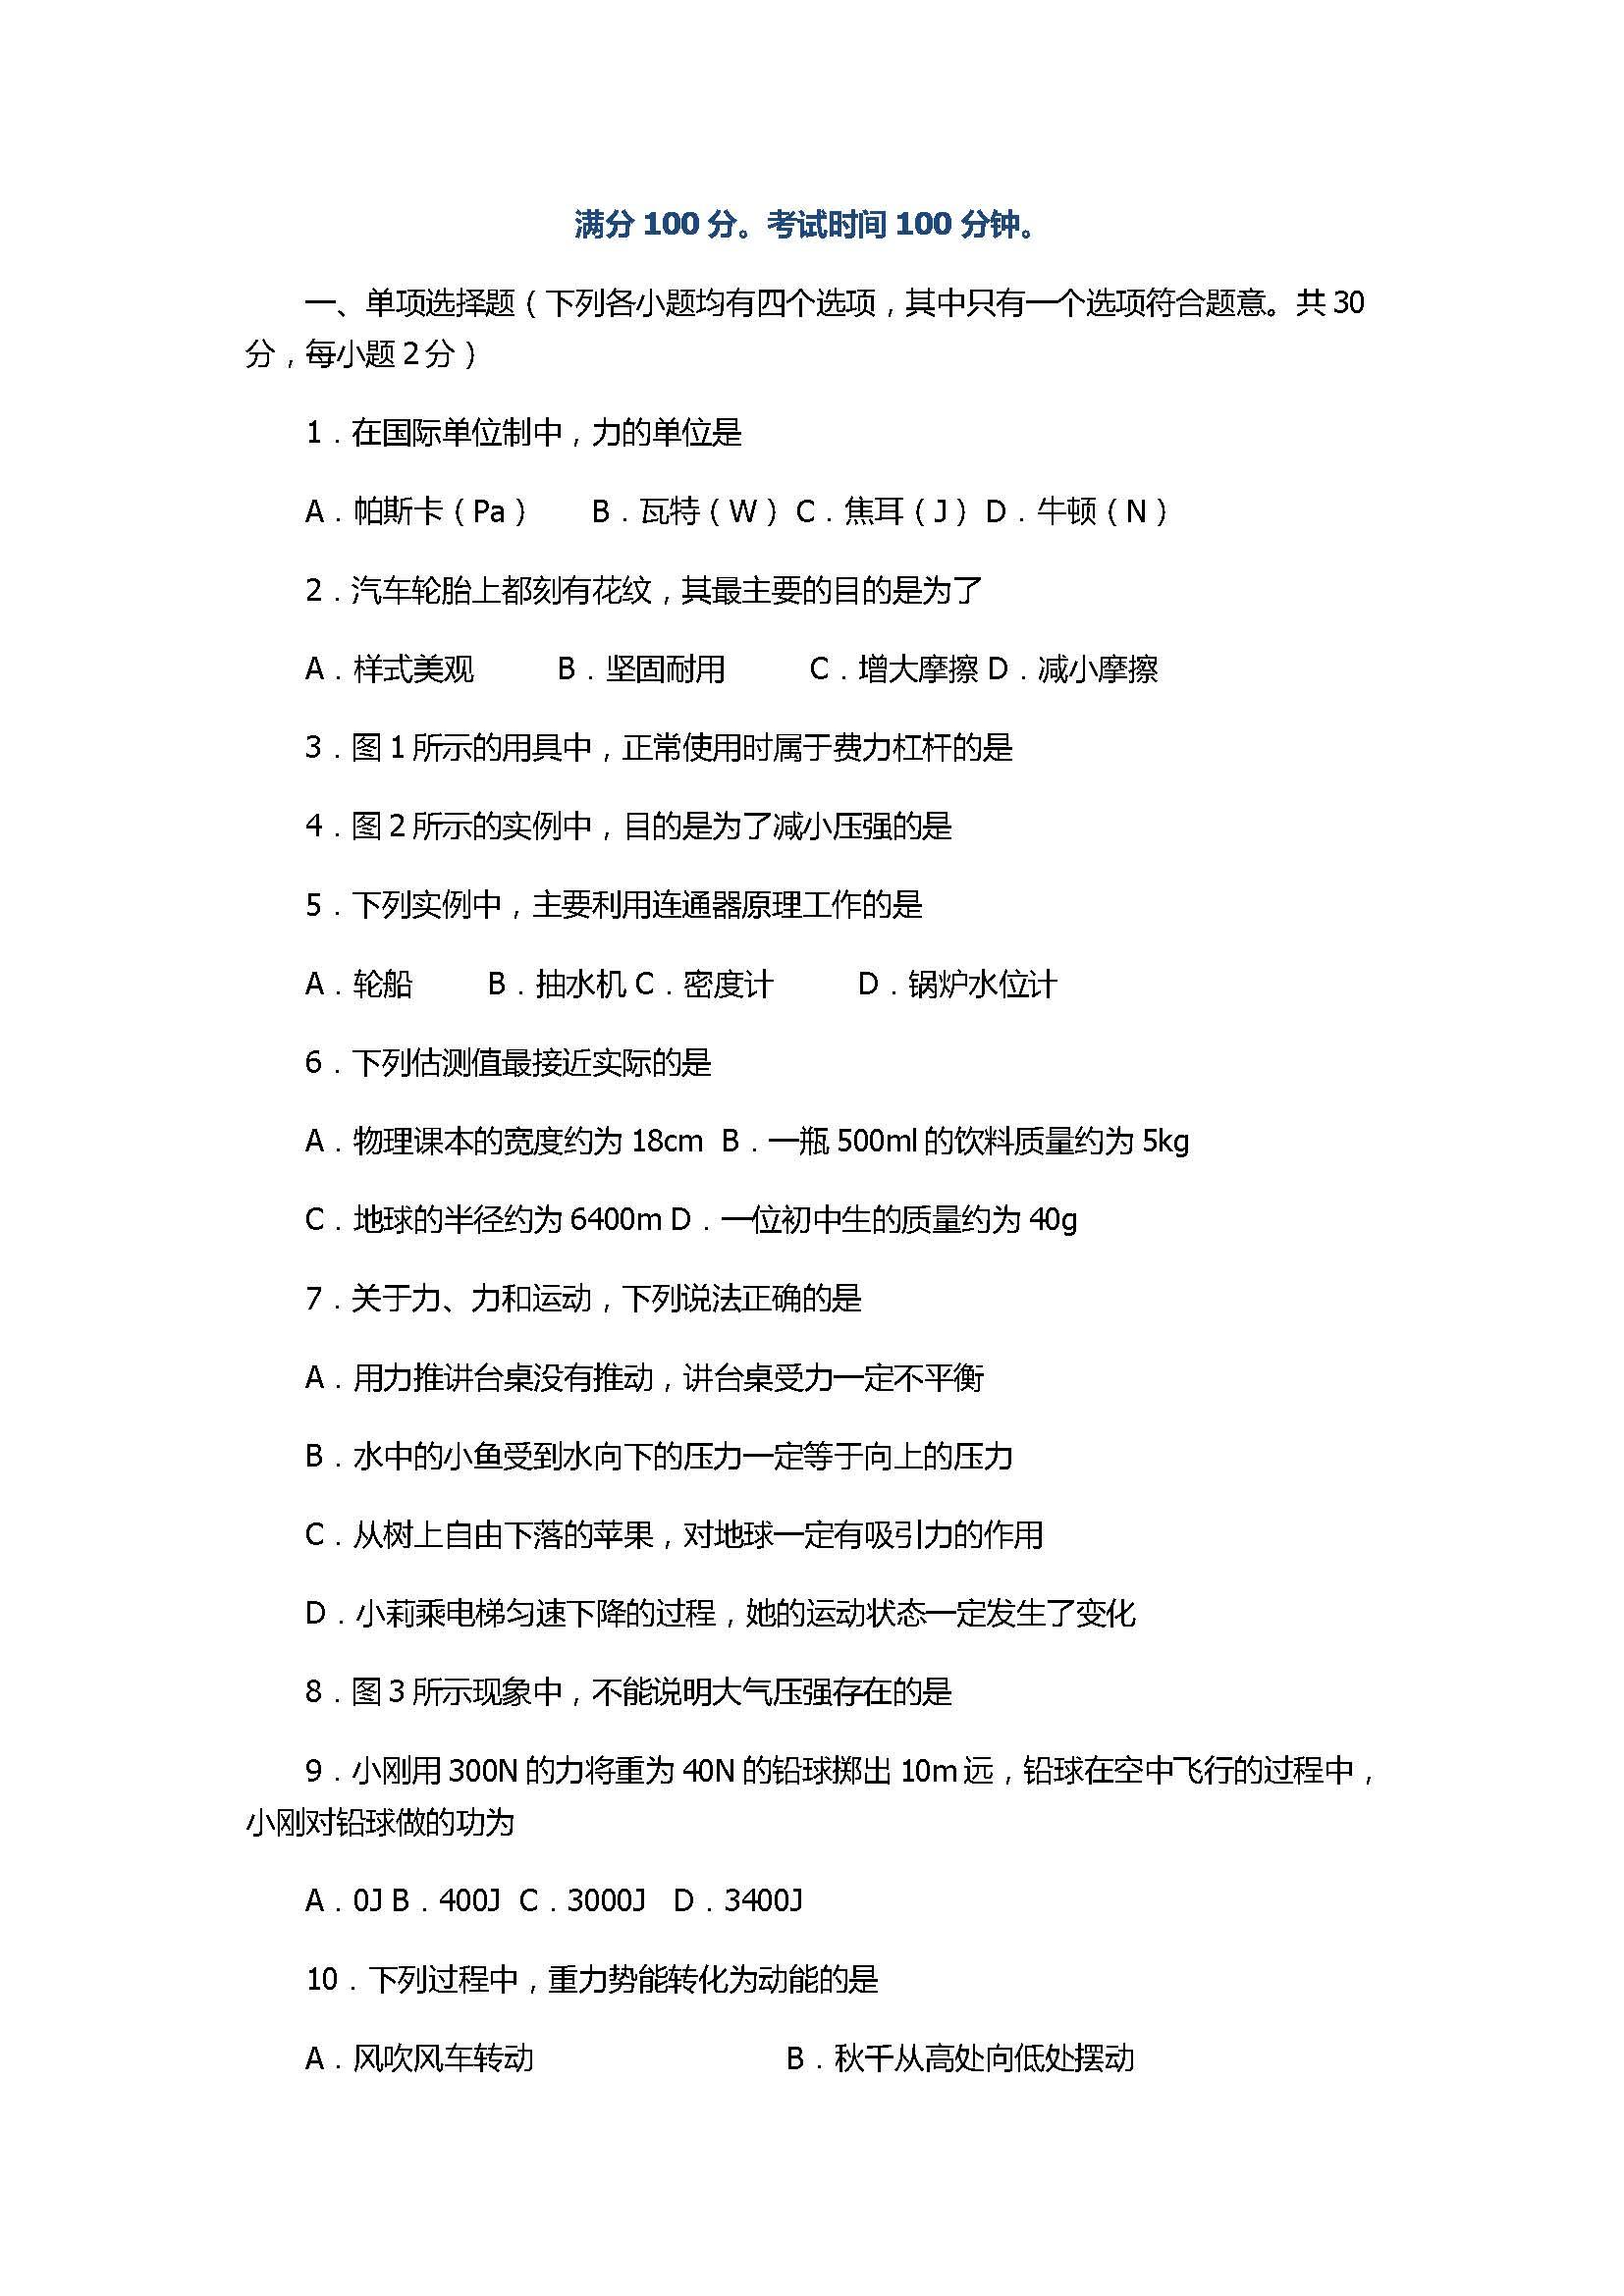 2017八年级下册物理期末检测试卷附参考答案(北京市西城区)